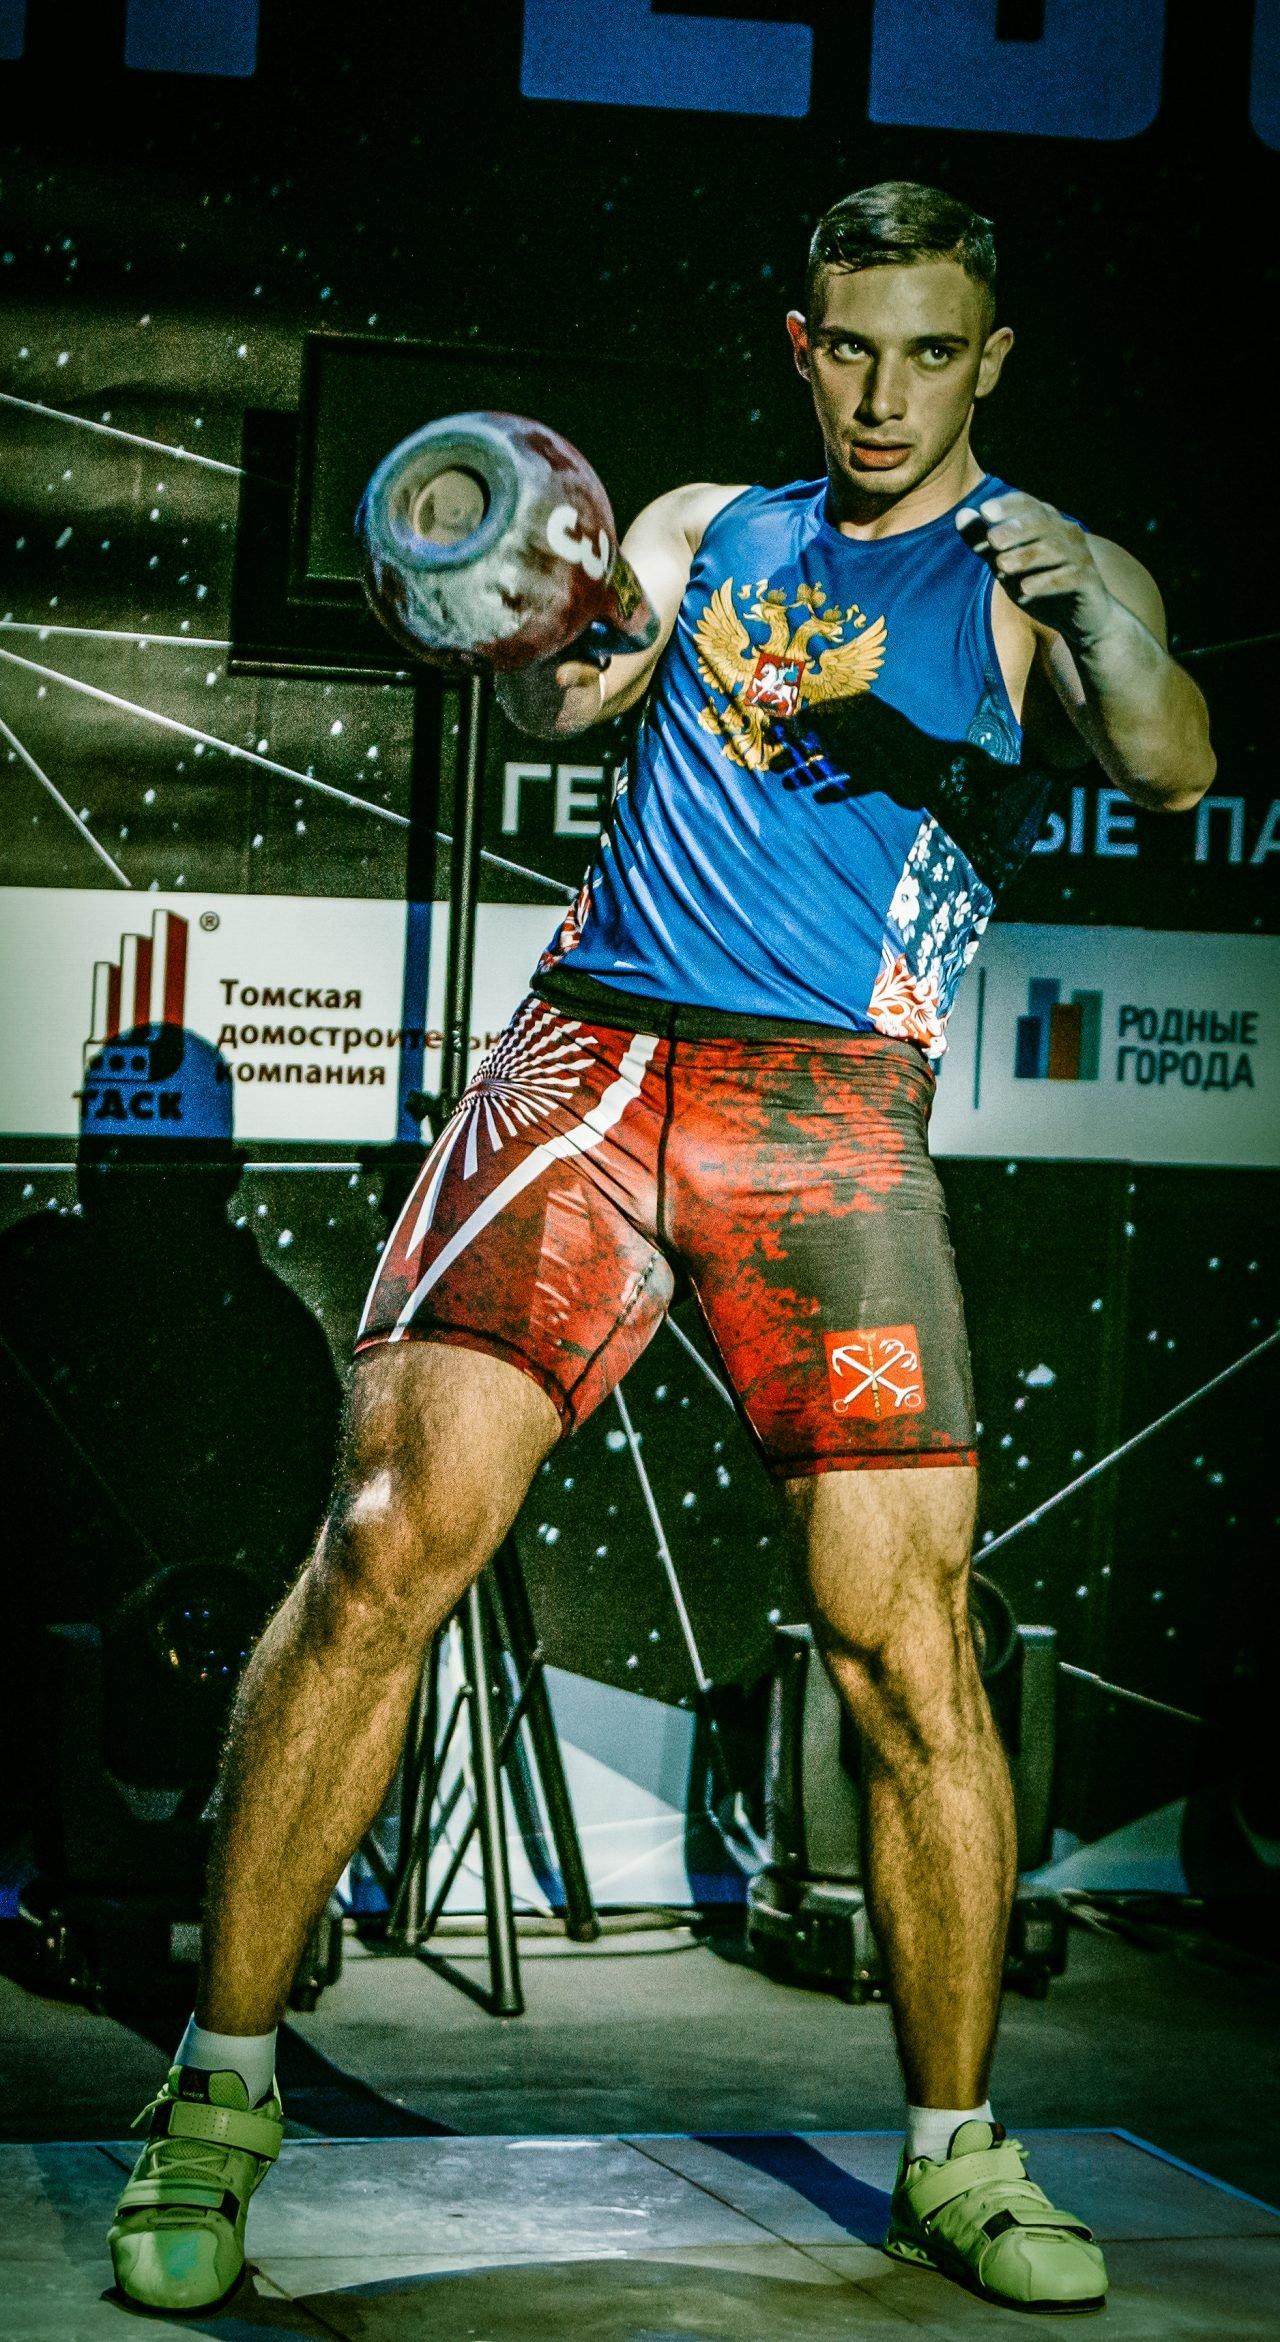 Markov Ivan Kettlebell Lifting